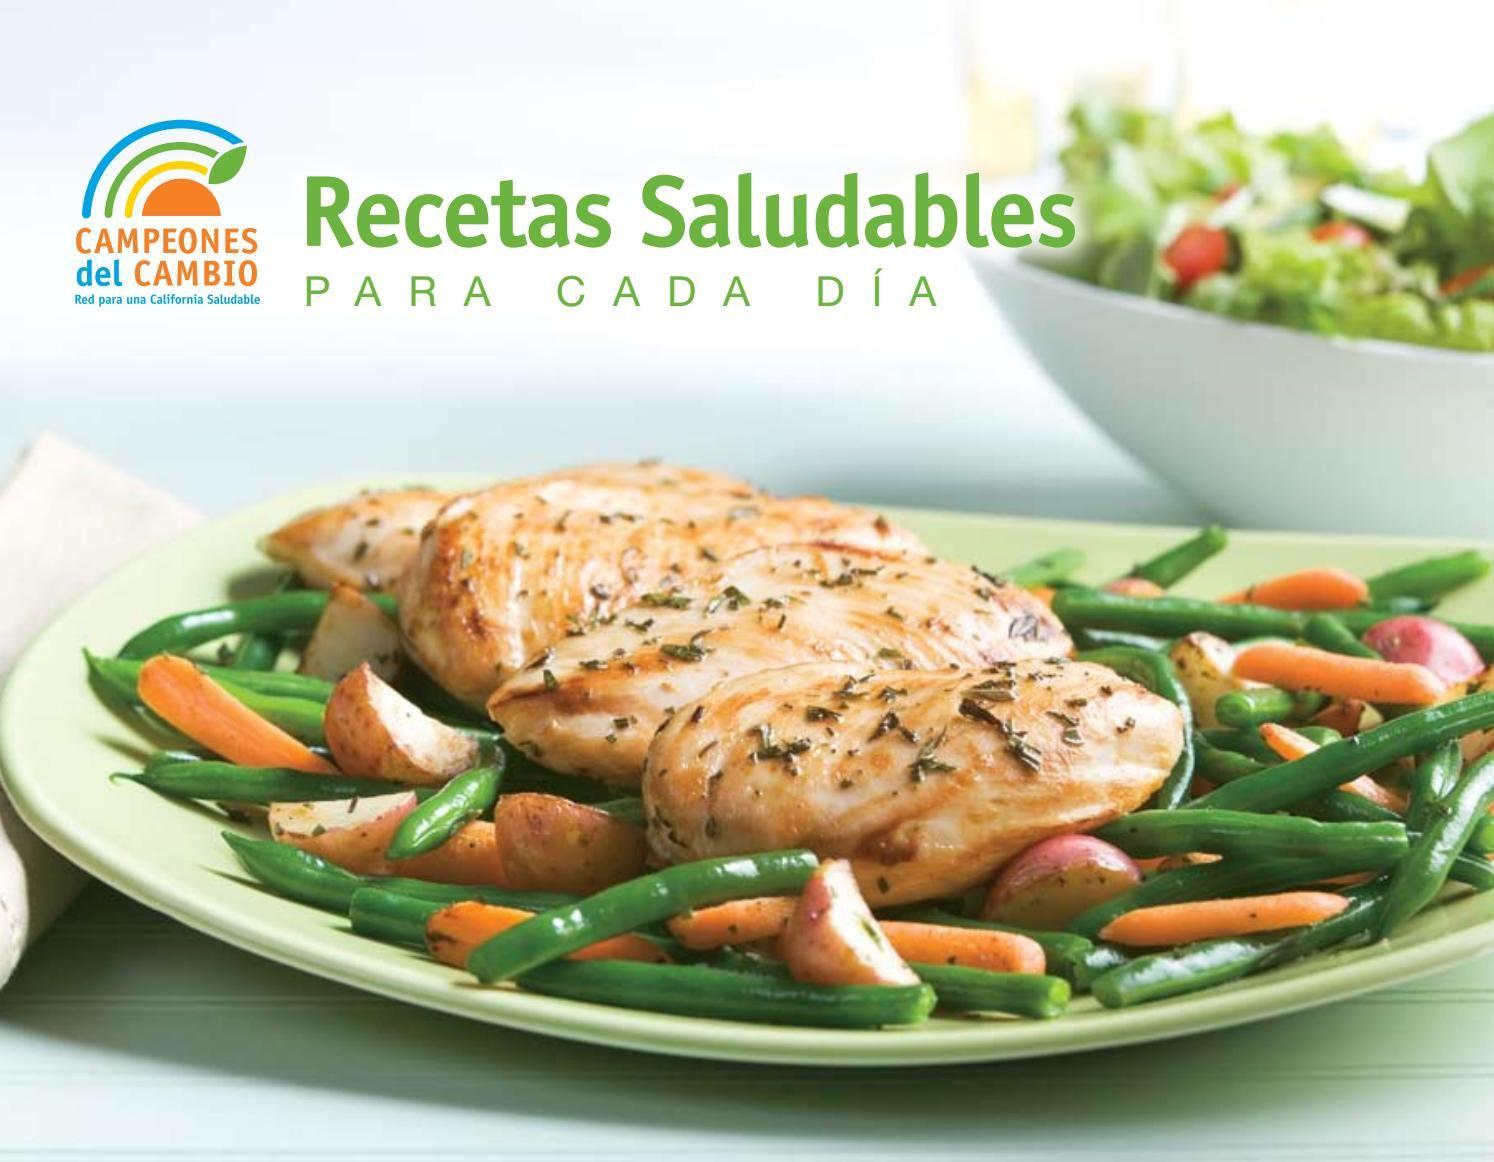 47013776bfa85914e0488a6f6f40b6fe - Saludables Recetas